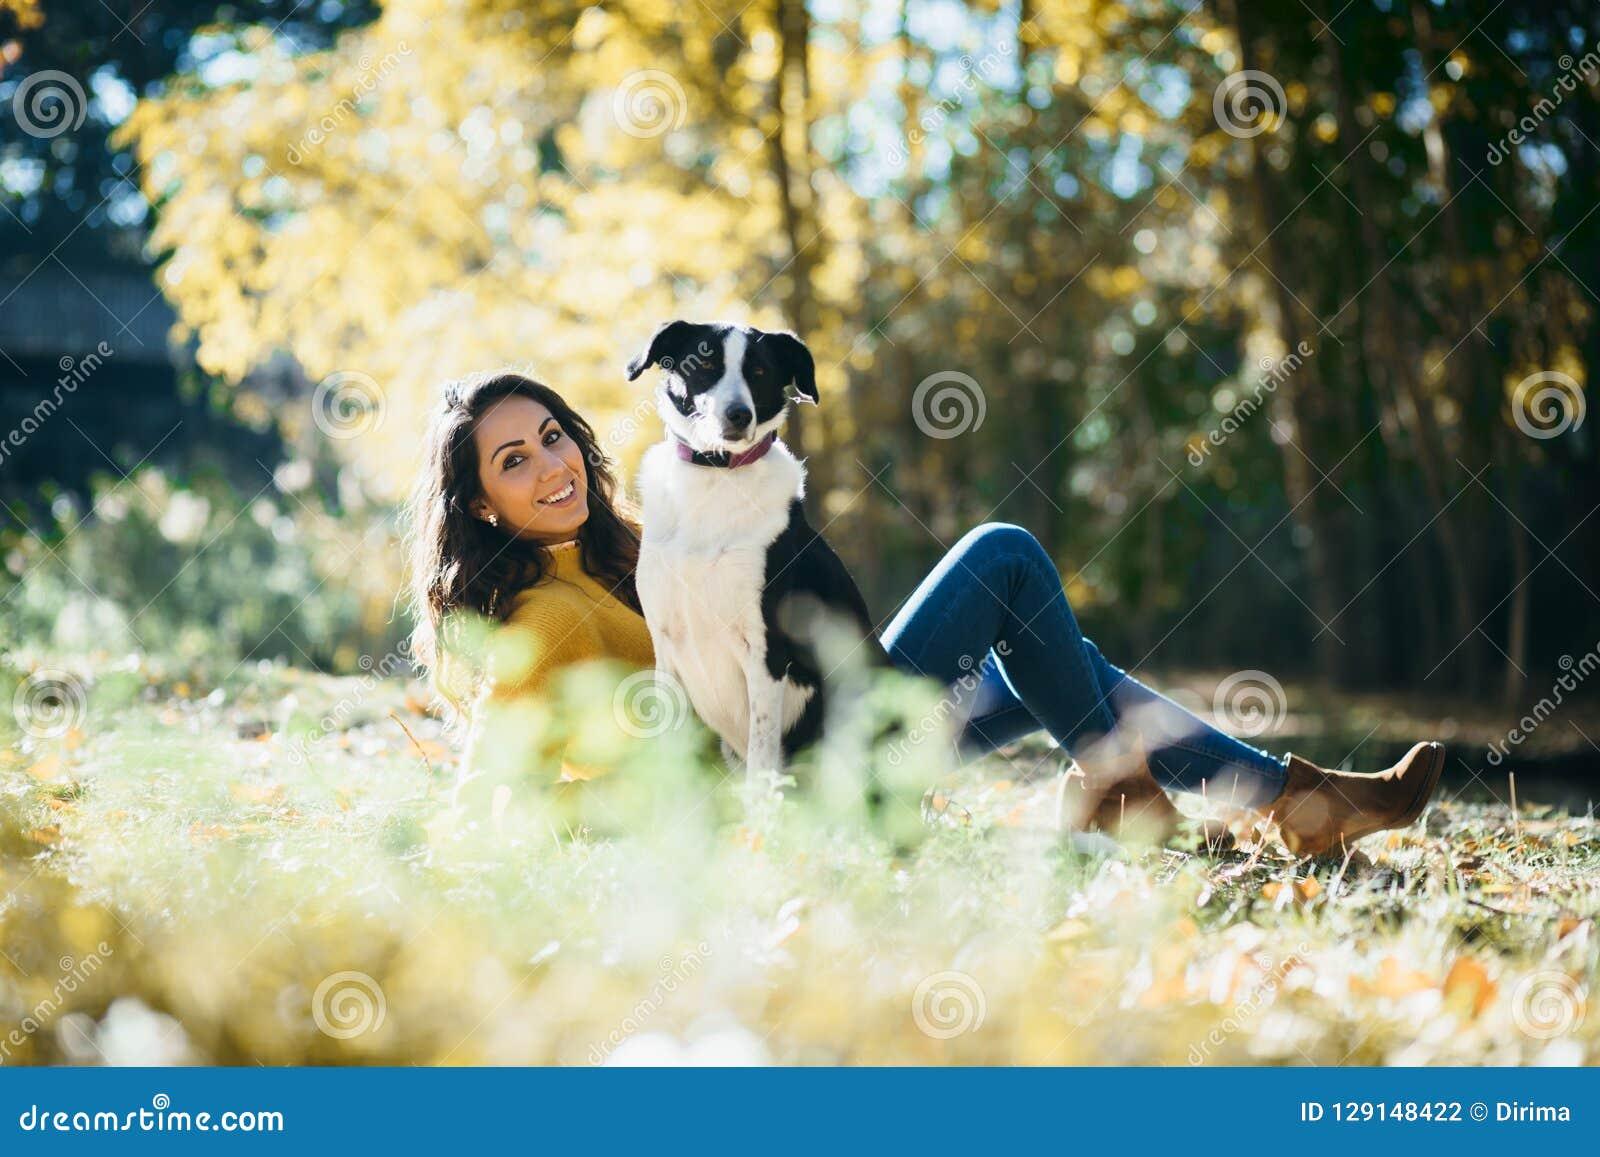 Femme appréciant des loisirs avec son chien